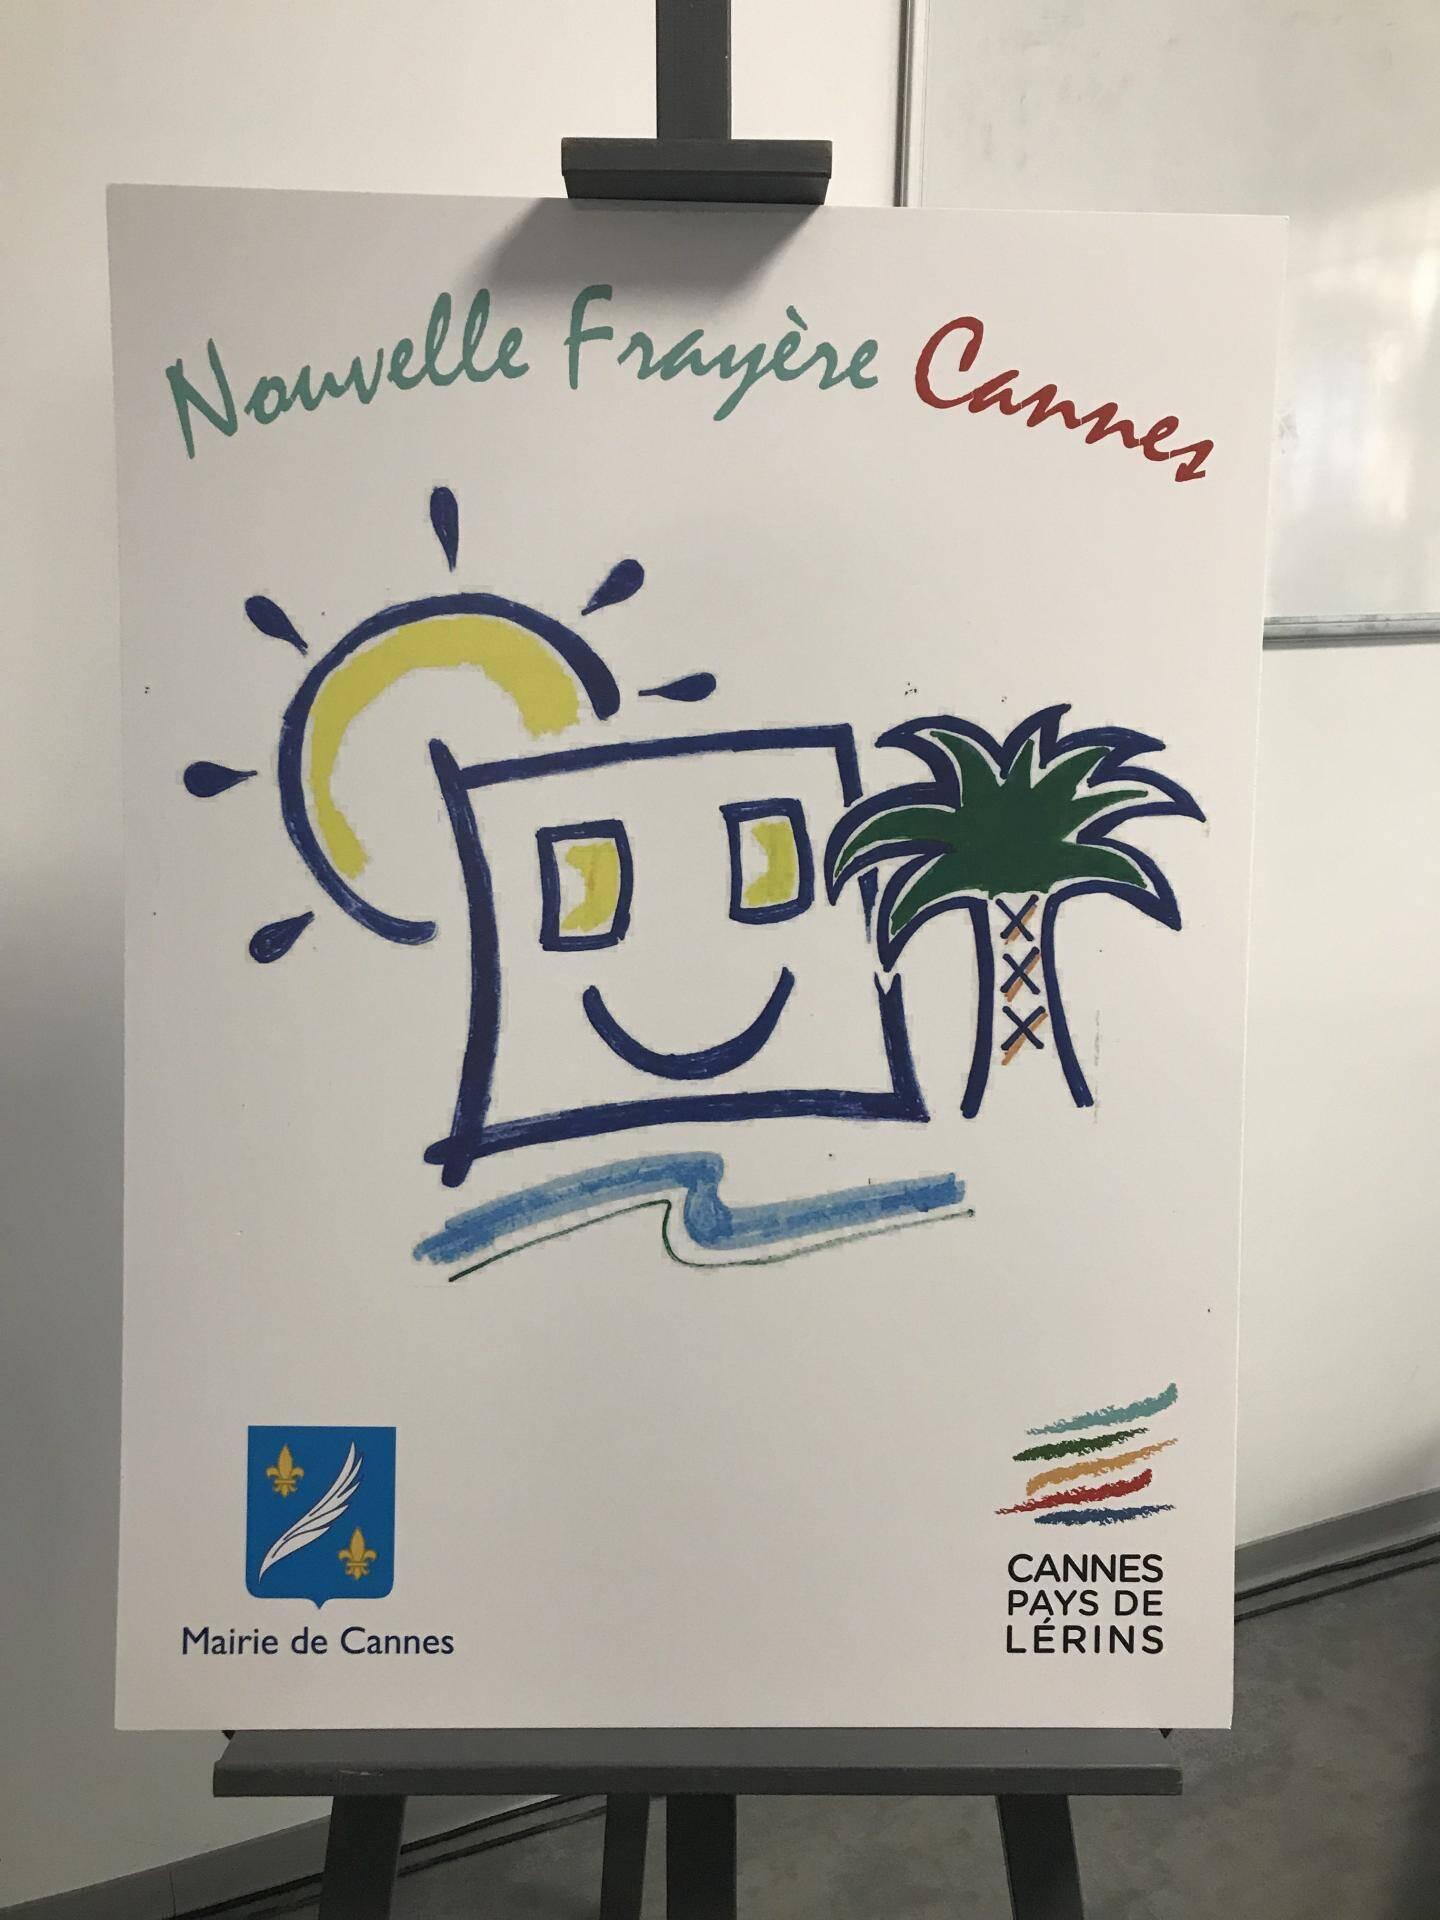 Les enfants du quartier ont créé le logo Nouvelle Frayère Cannes.